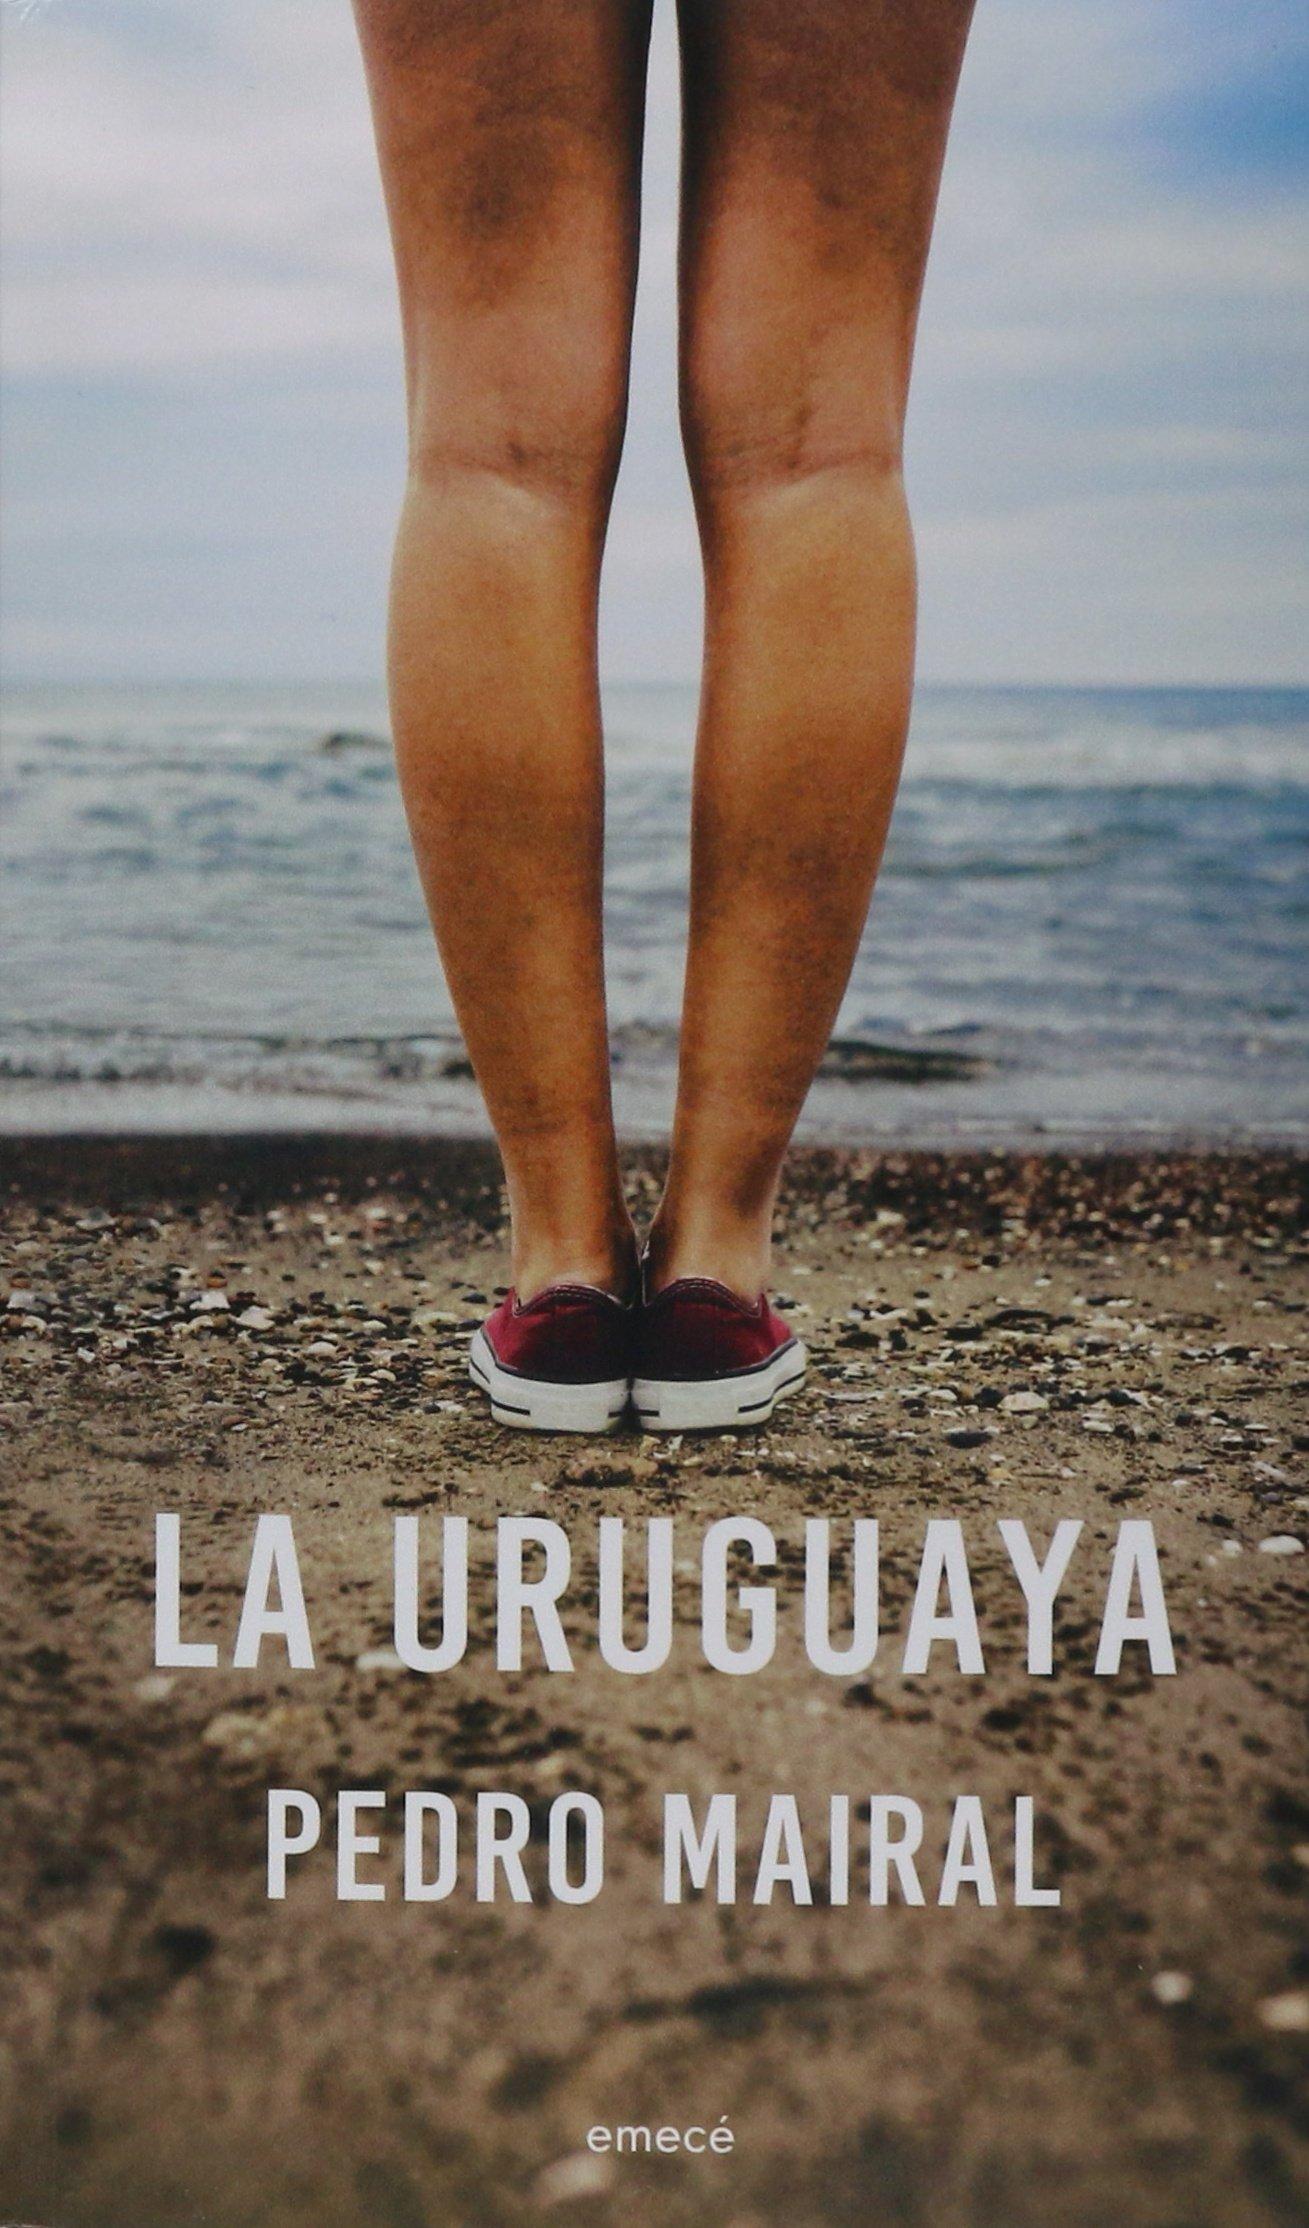 La uruguaya ePub fb2 book